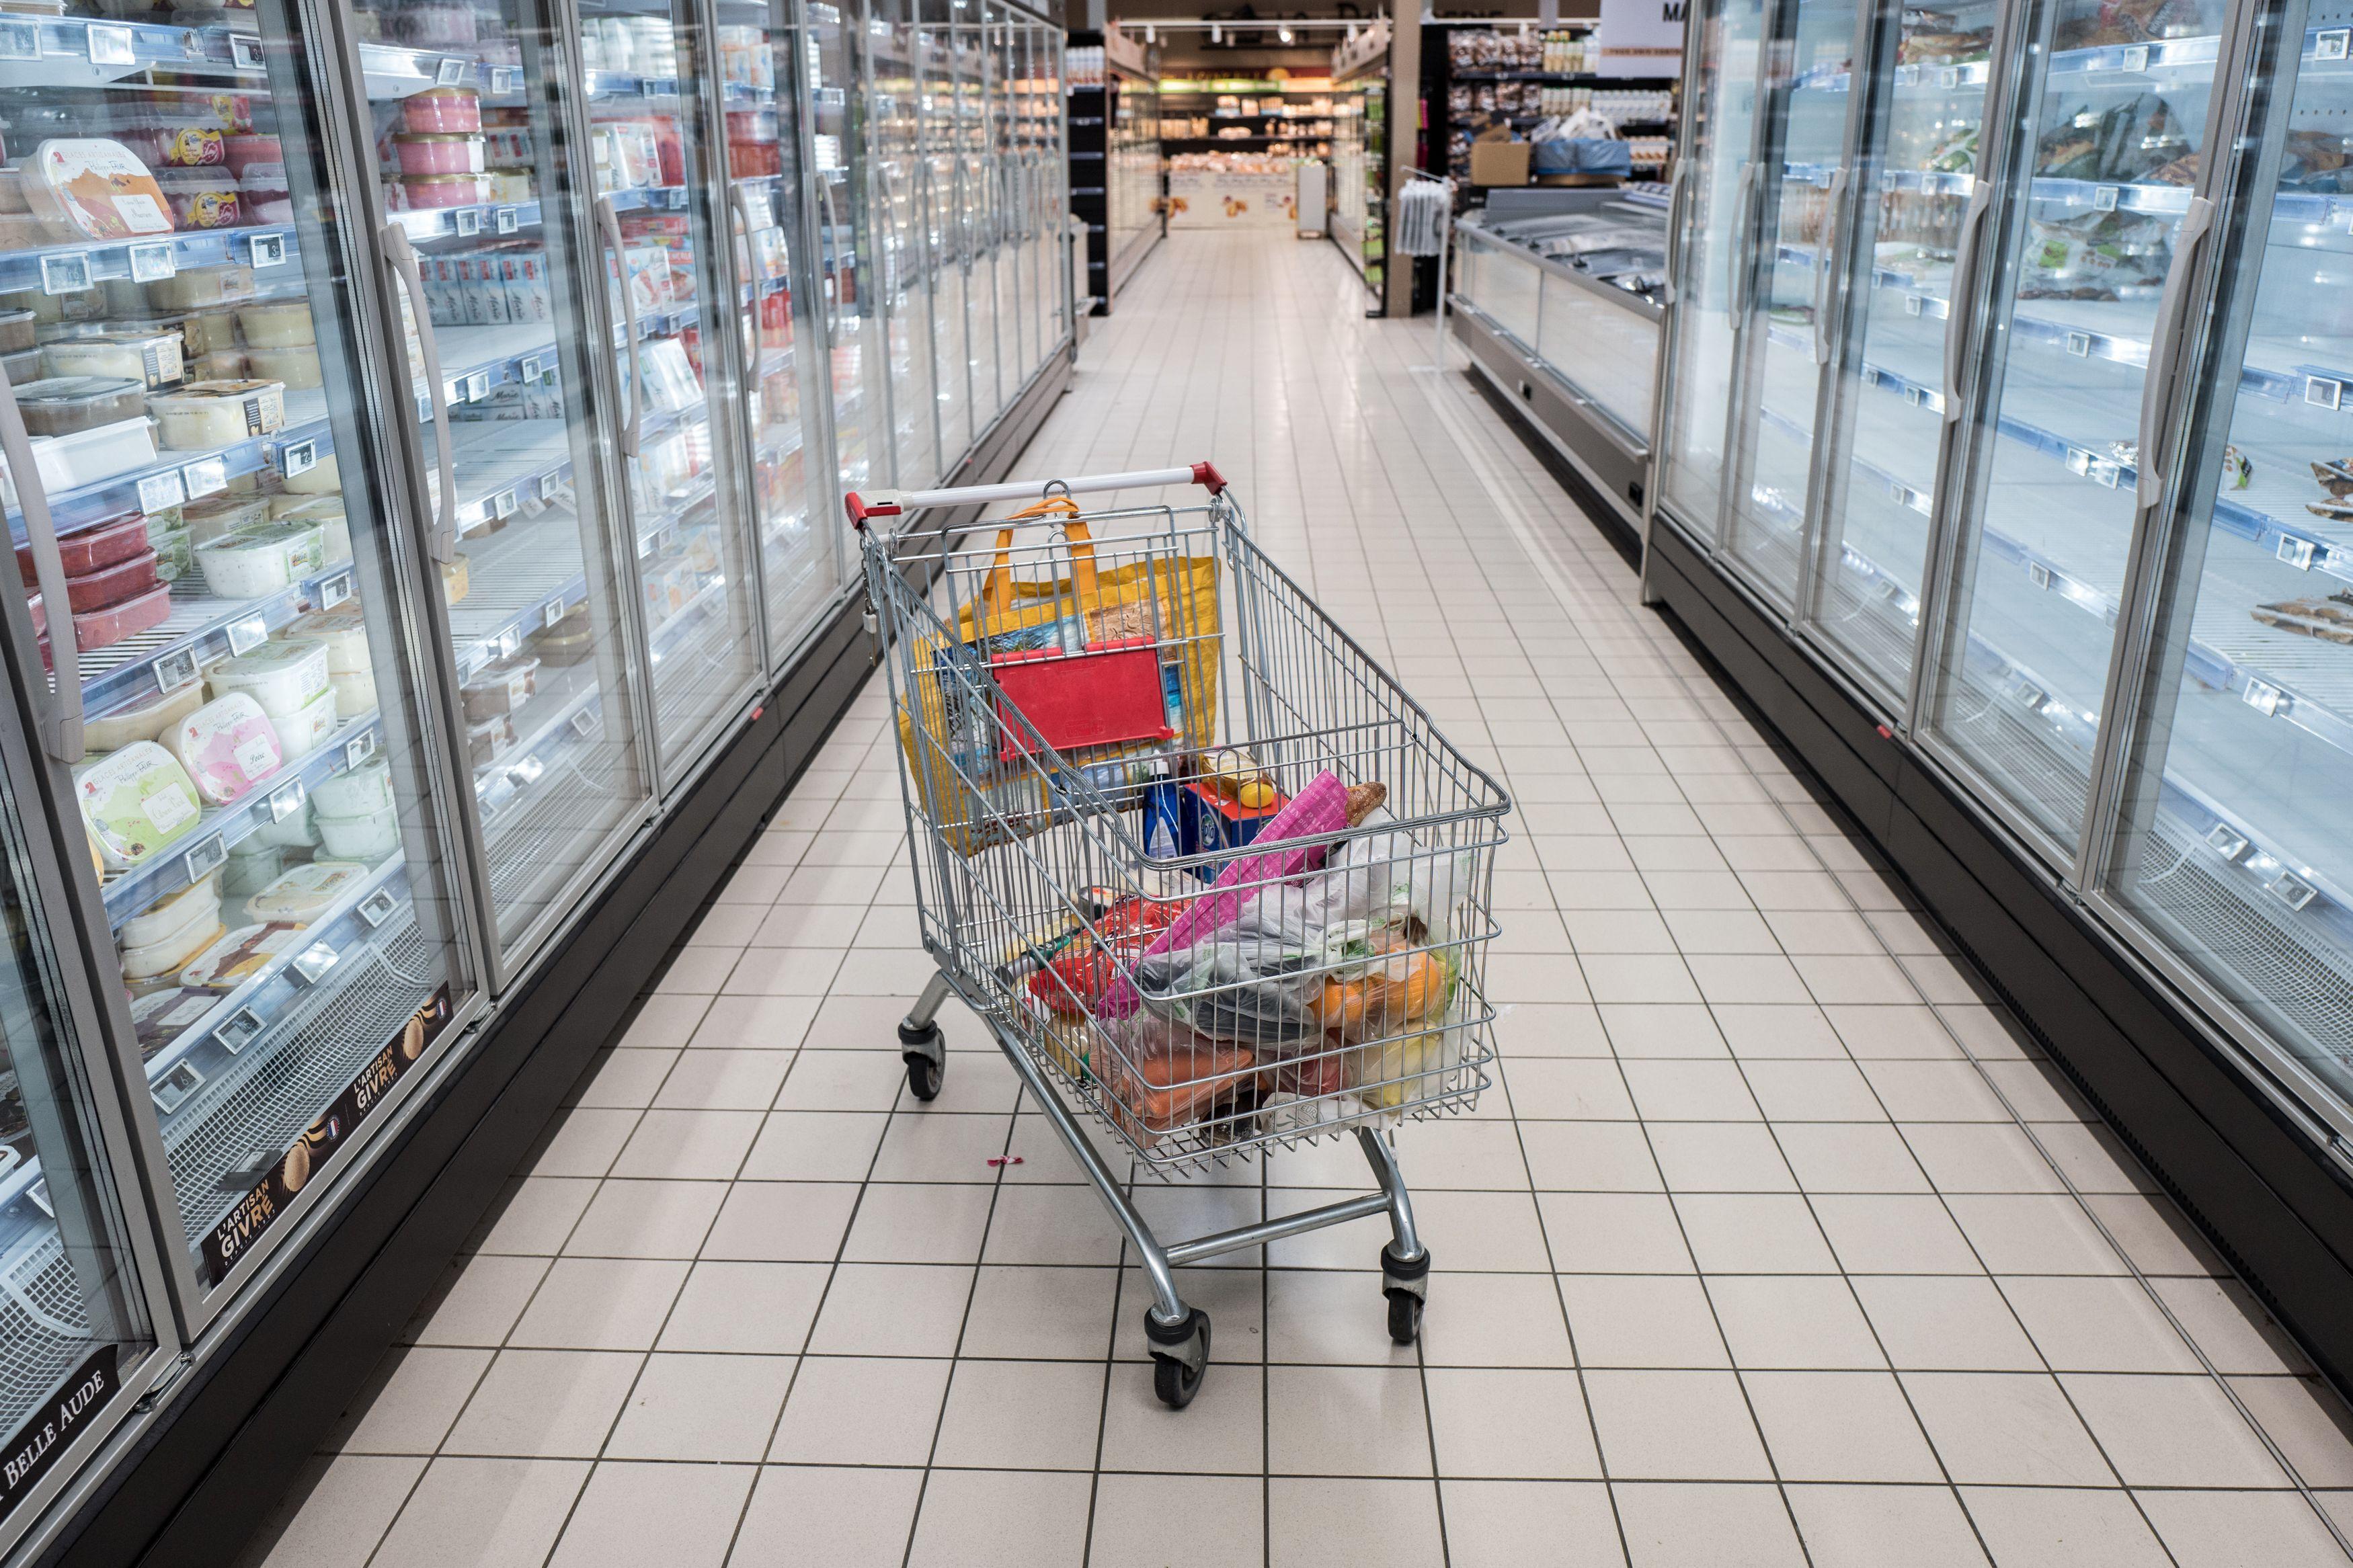 Un caddie dans un supermarché. (Illustration